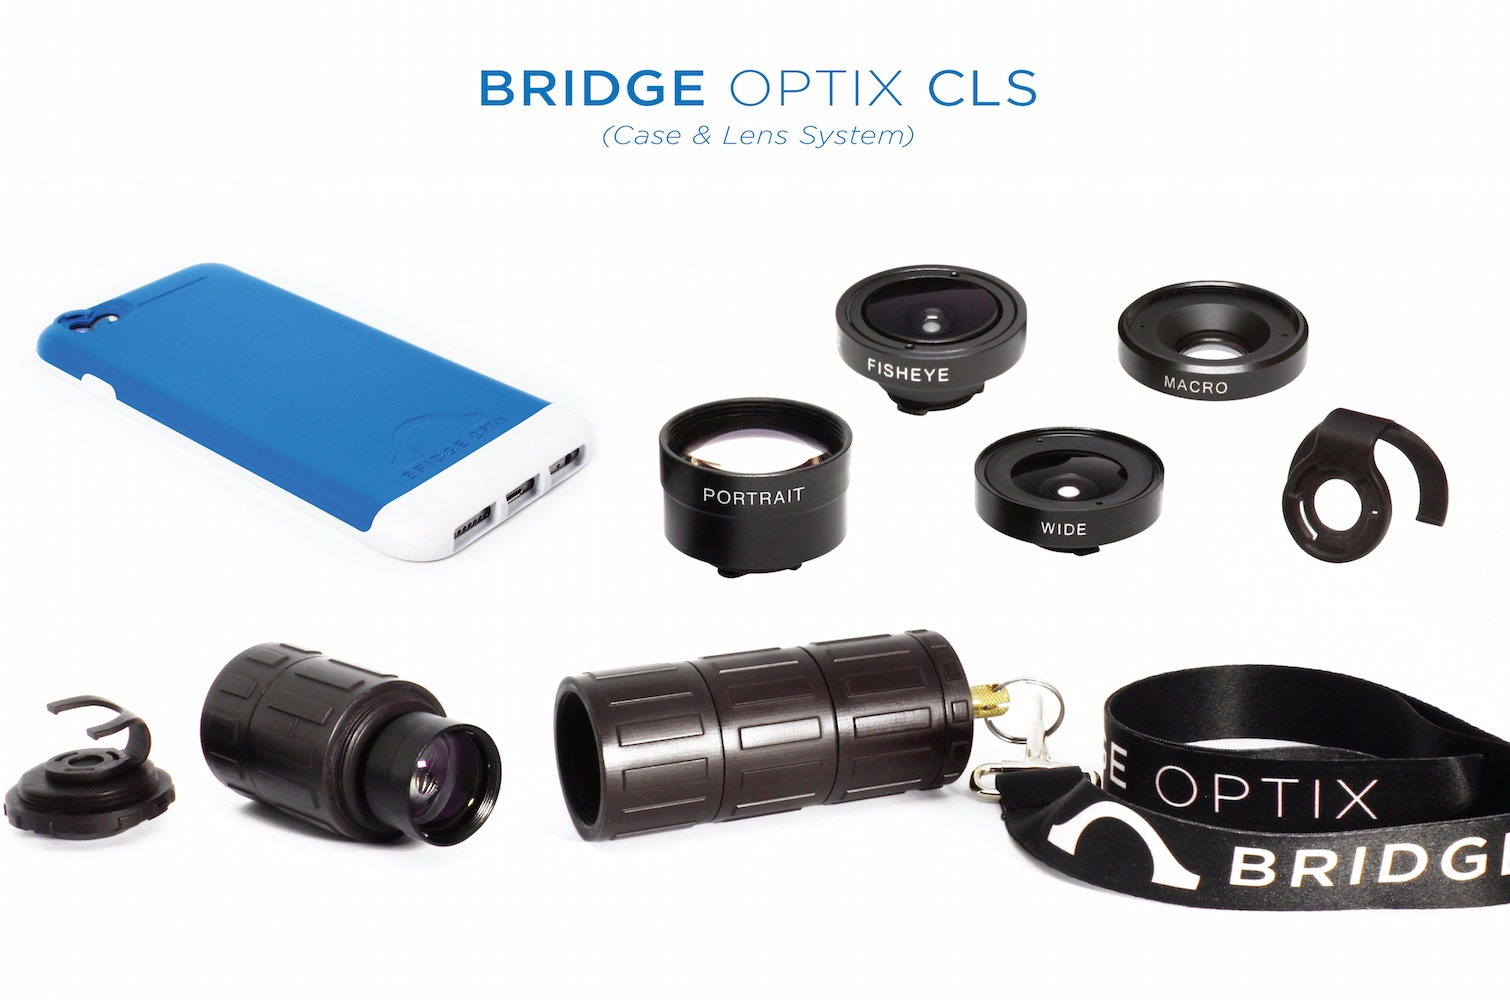 bridge-optix-case-and-lens-system-01